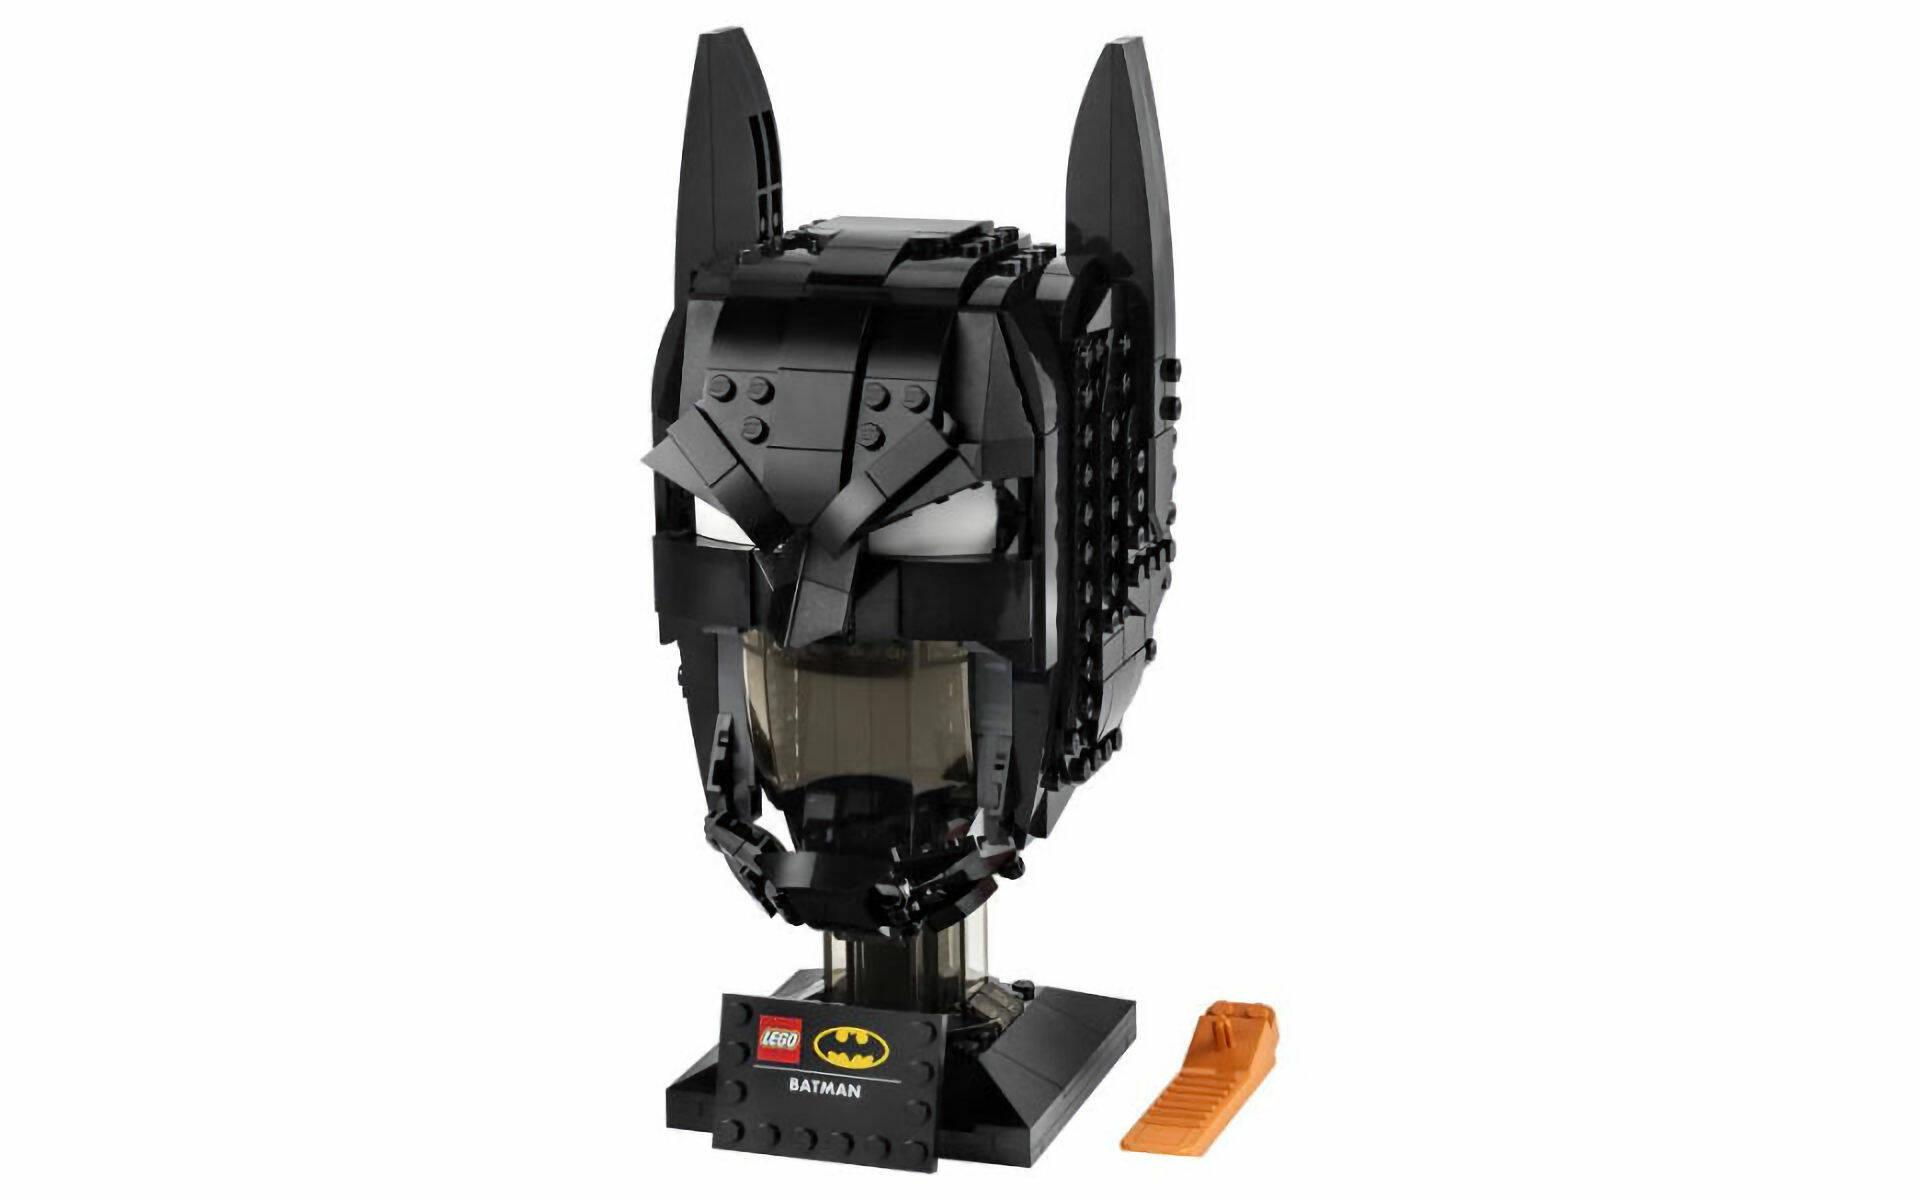 LEGO DC COMICS CAPPUCCIO DI BATMAN